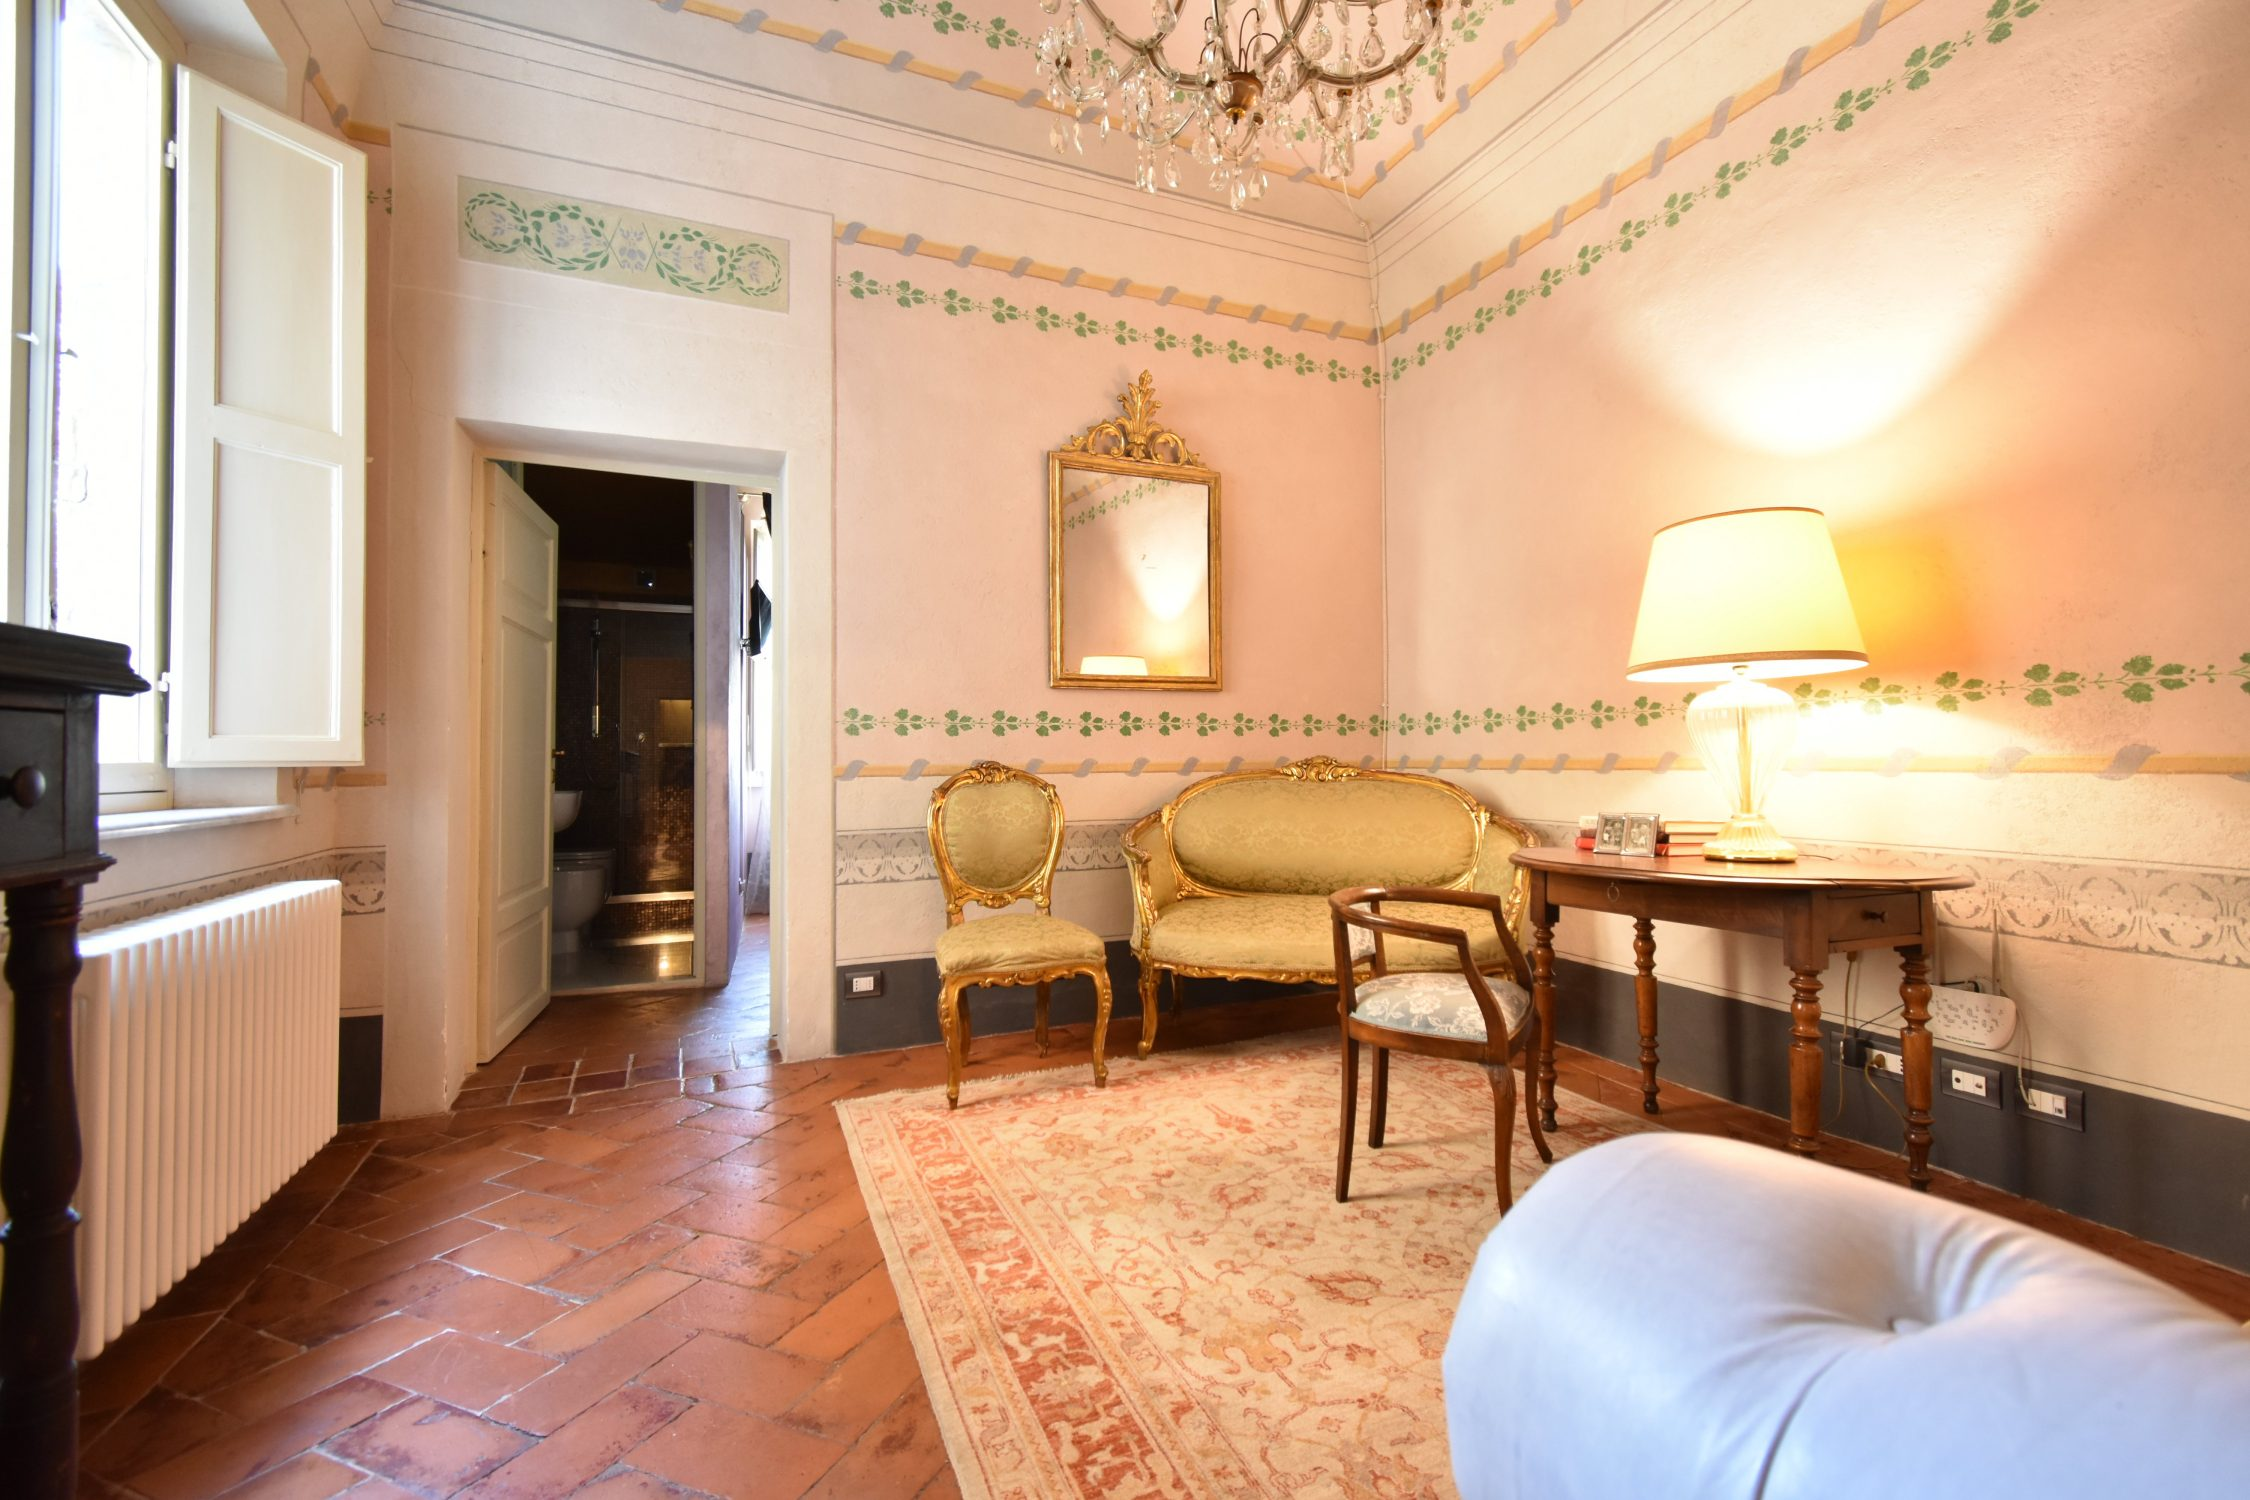 Appartamento d'epoca in vendita centro storico con giardino